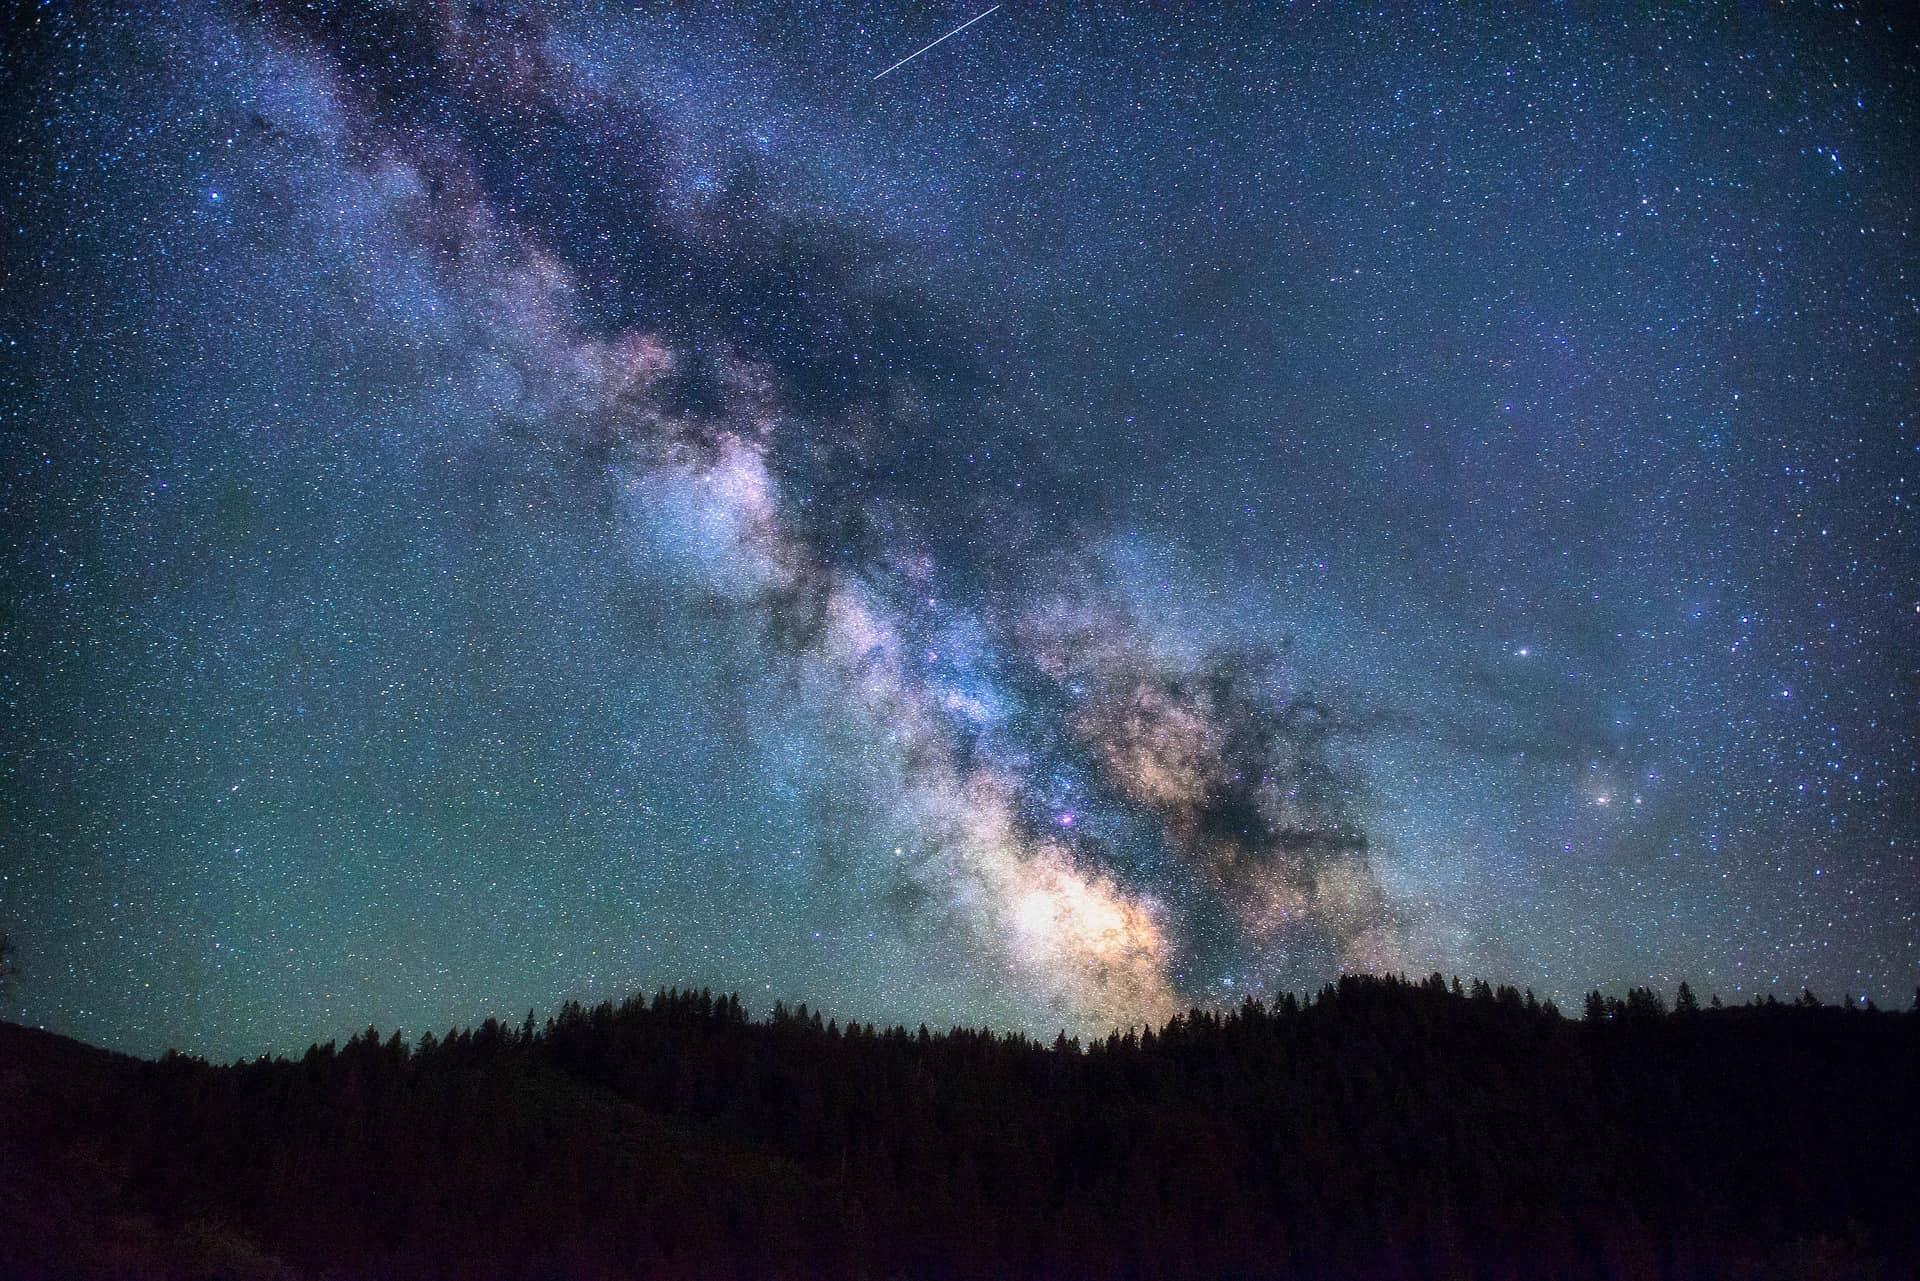 nebula in the sky